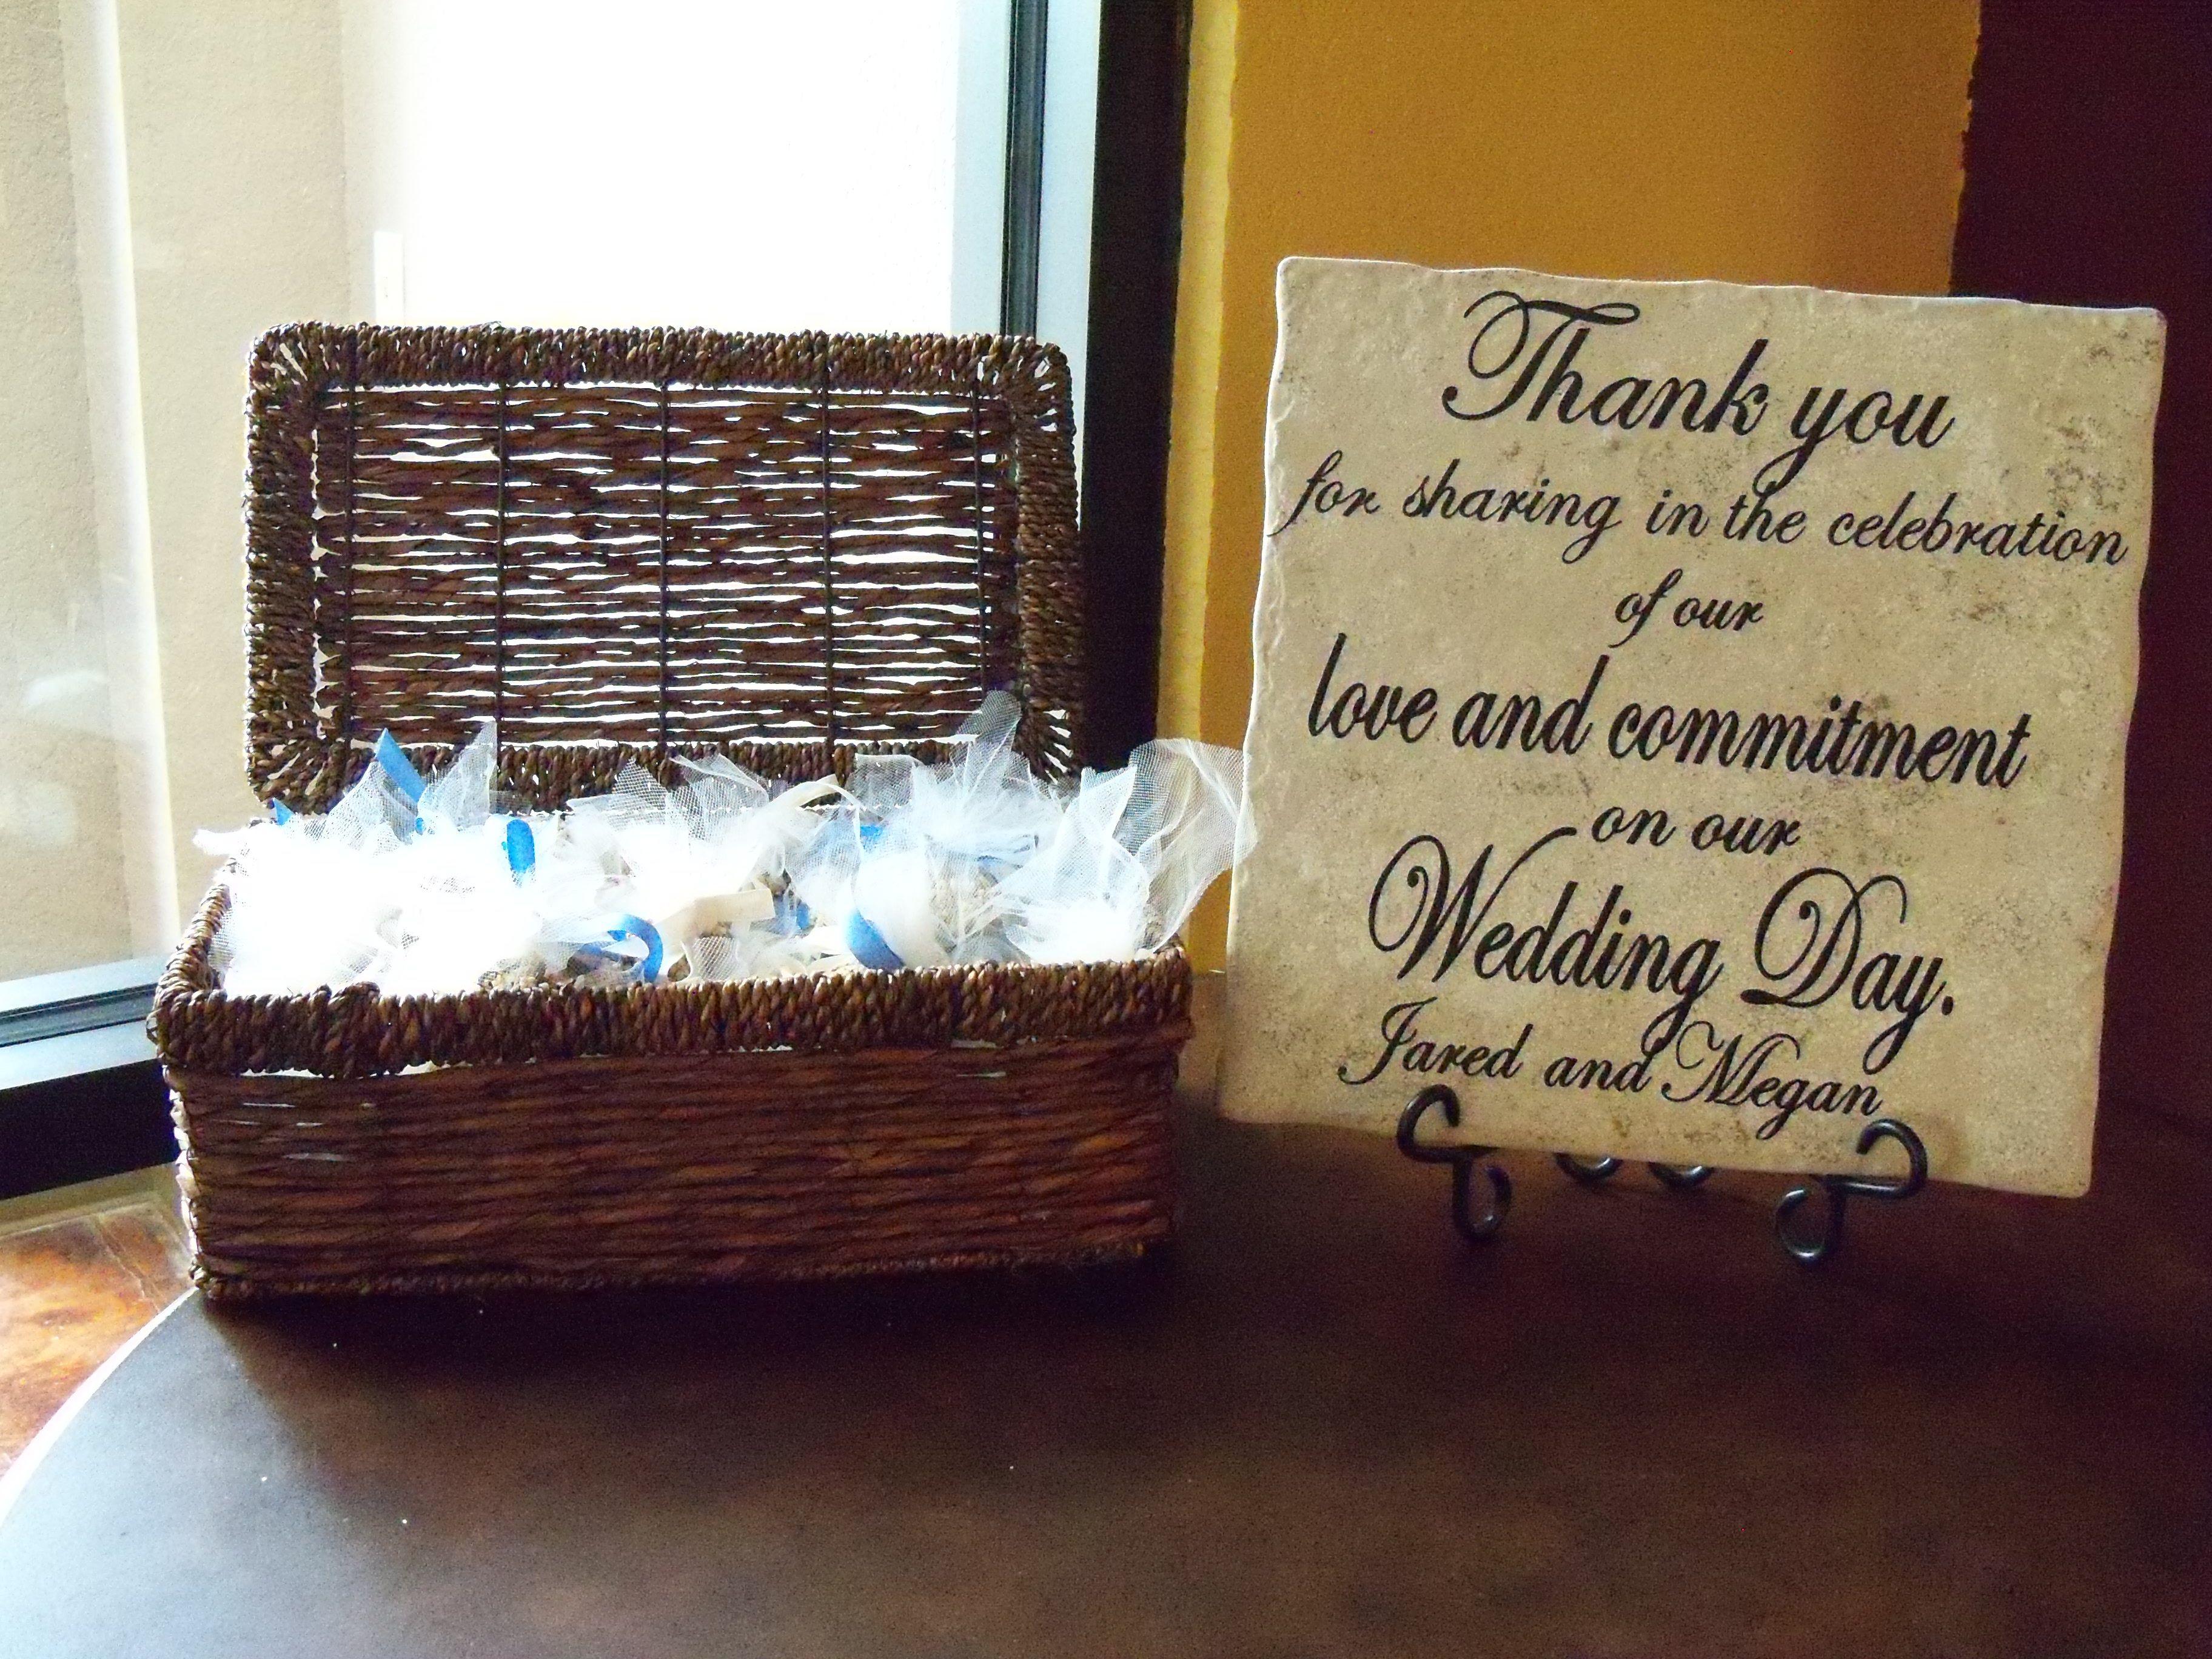 e Love Thank You Card Two Hearts Outdoor Wedding s Design